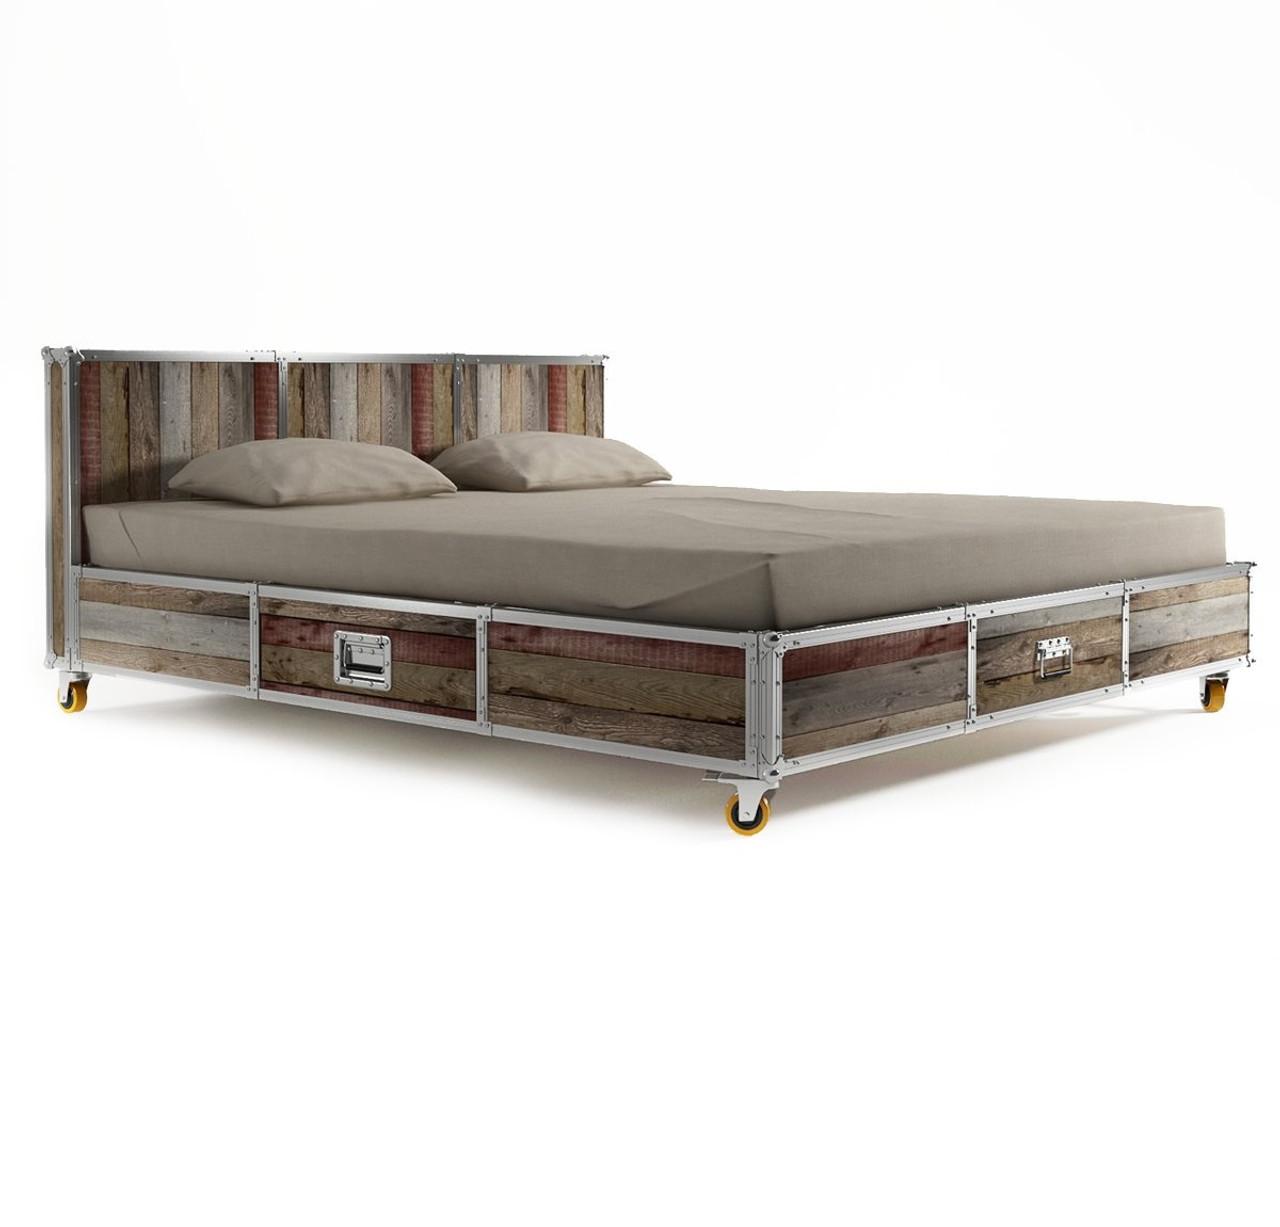 King Platform Storage Bed Inside Industrial Loft Reclaimed Teak King Platform Storage Bed Size